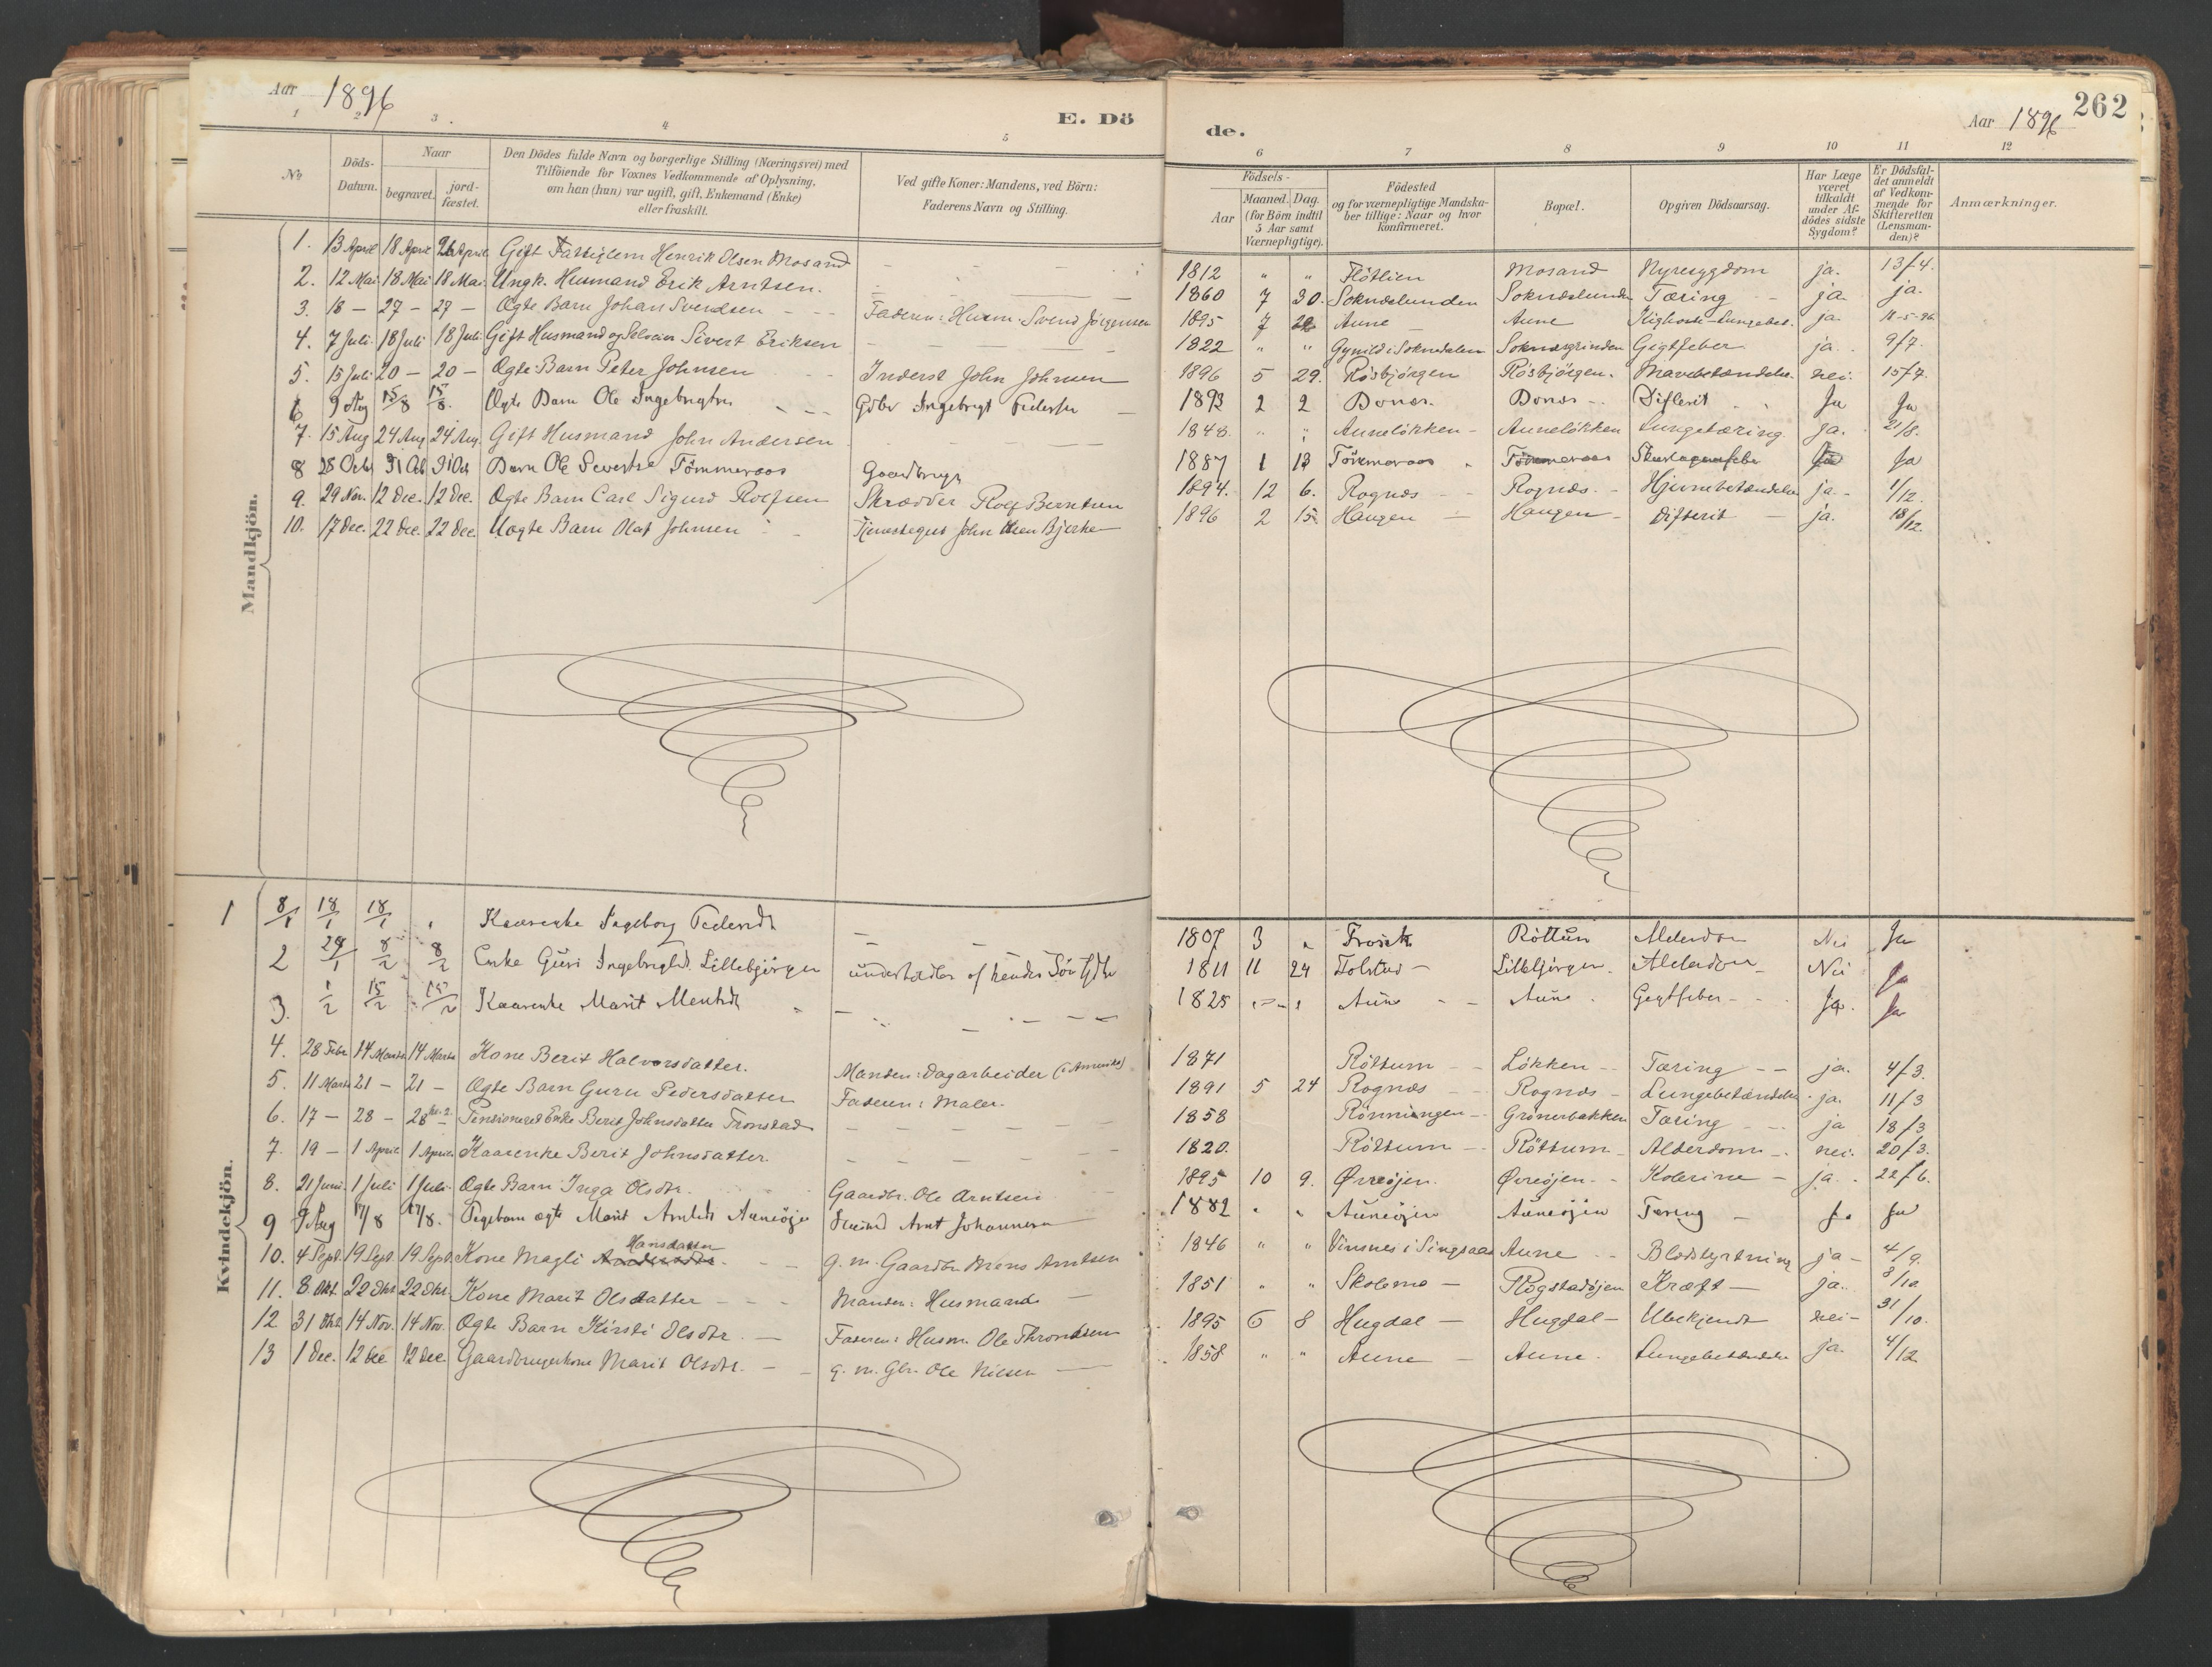 SAT, Ministerialprotokoller, klokkerbøker og fødselsregistre - Sør-Trøndelag, 687/L1004: Ministerialbok nr. 687A10, 1891-1923, s. 262